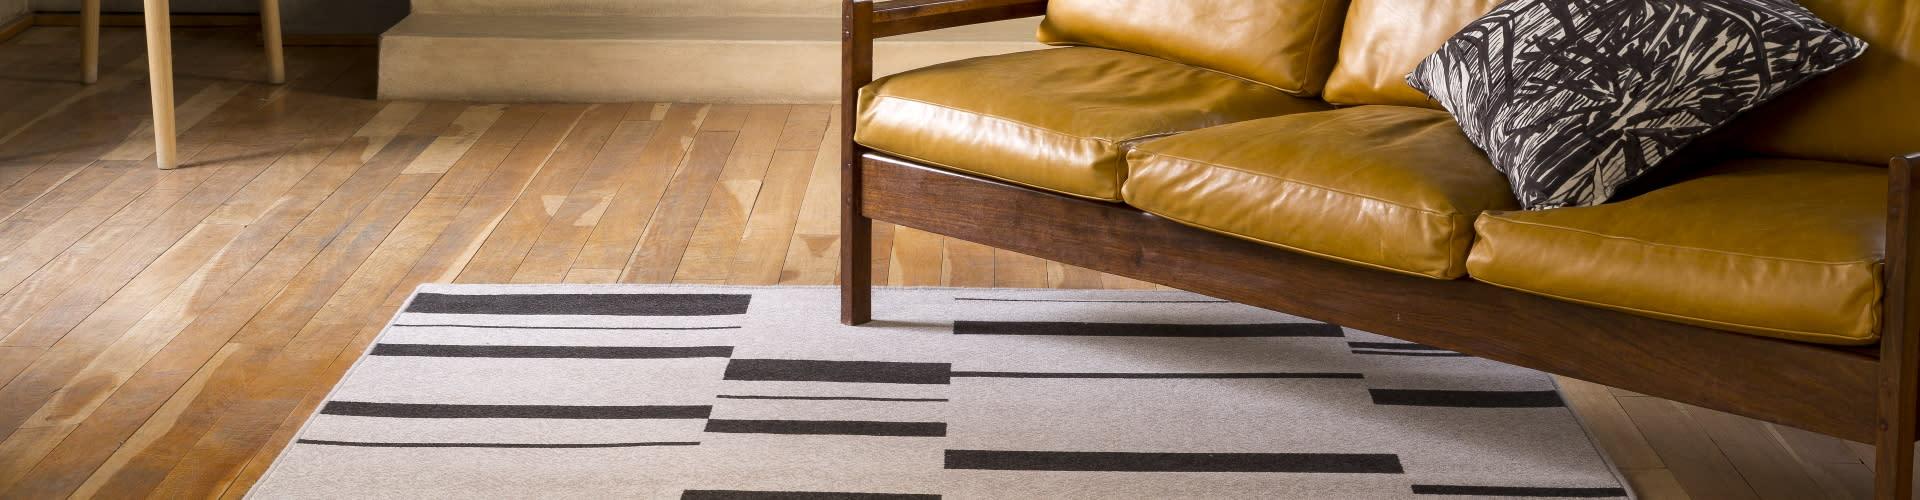 Monn Carpets